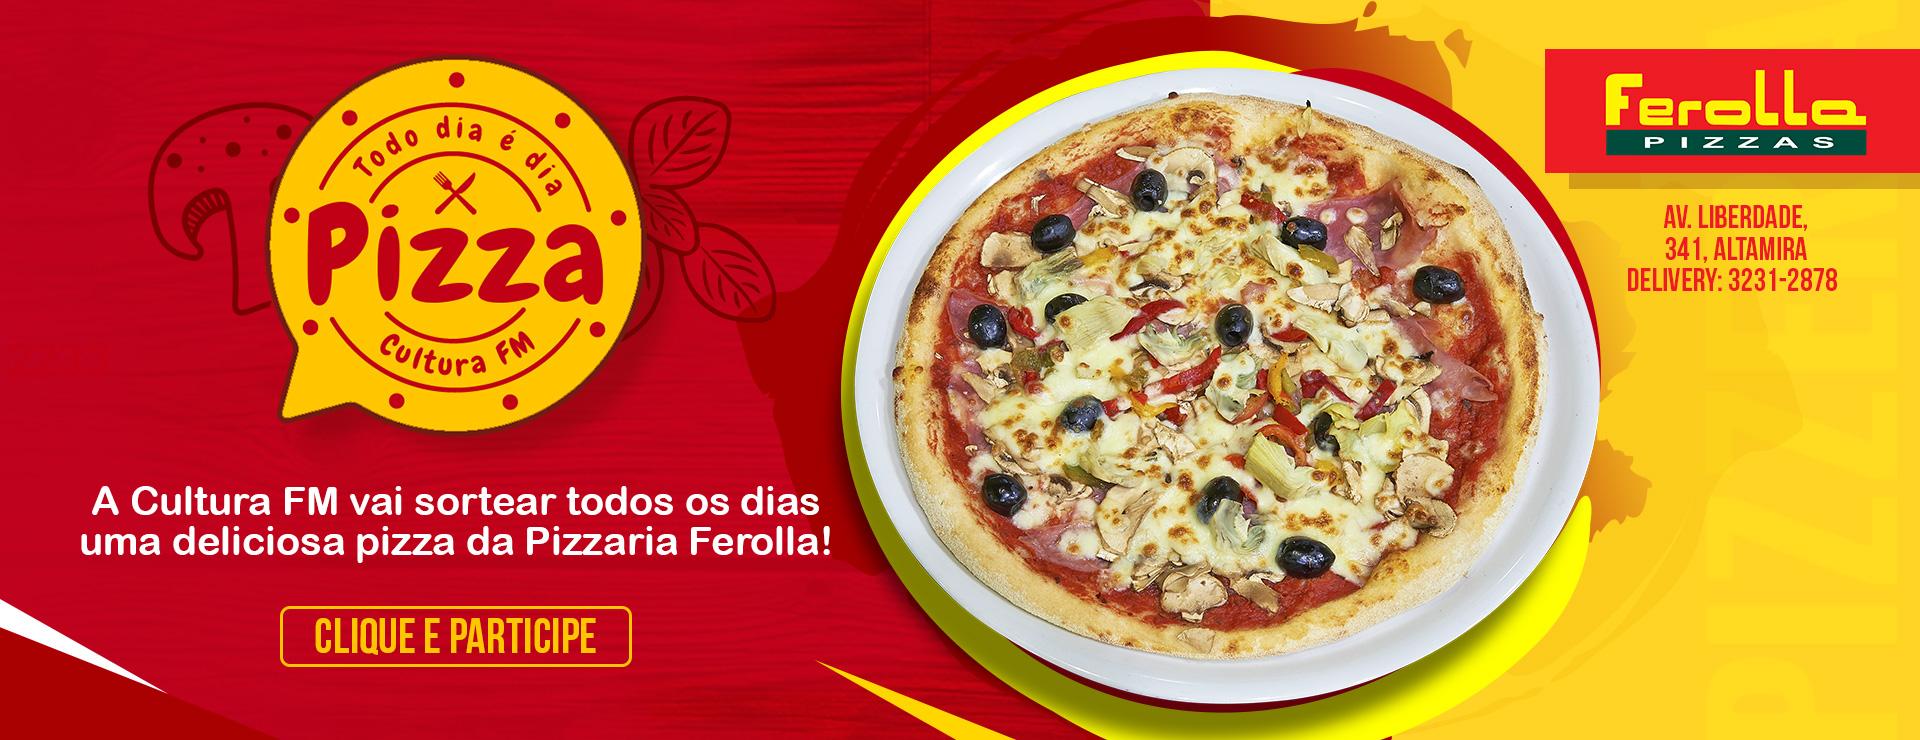 PROMOÇÃO DIA DE PIZZA CULTURA FM